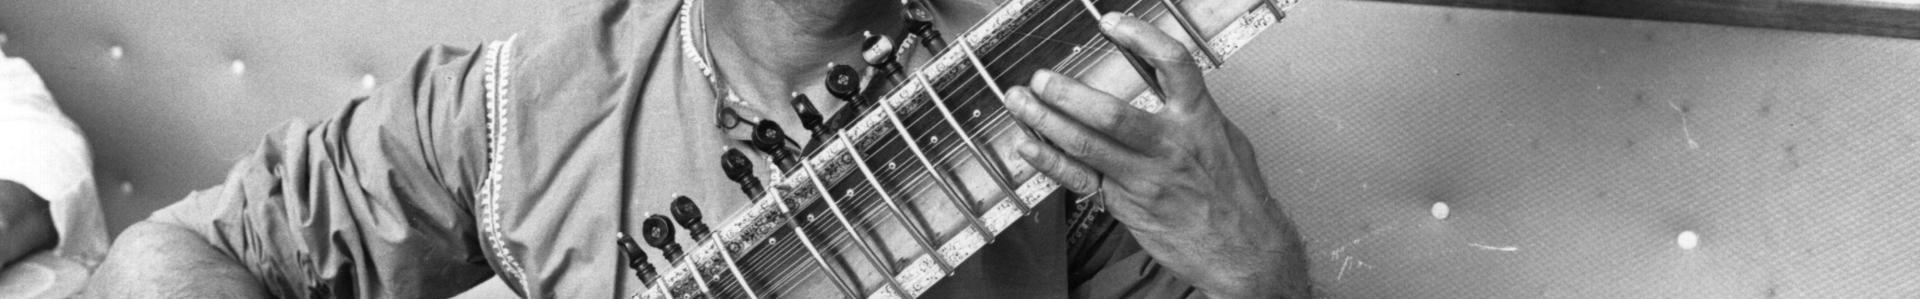 Ravi Shankar - sheet music and tabs